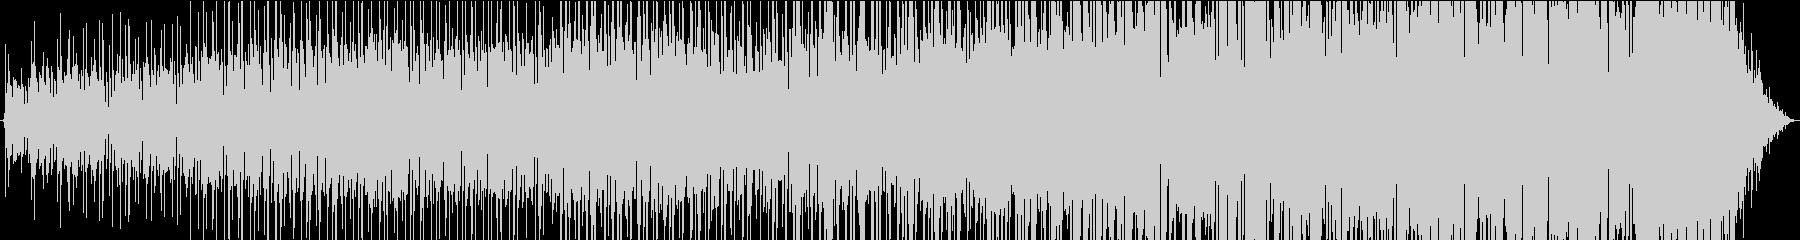 レトロ、奇妙なシンセサウンドBGMの未再生の波形